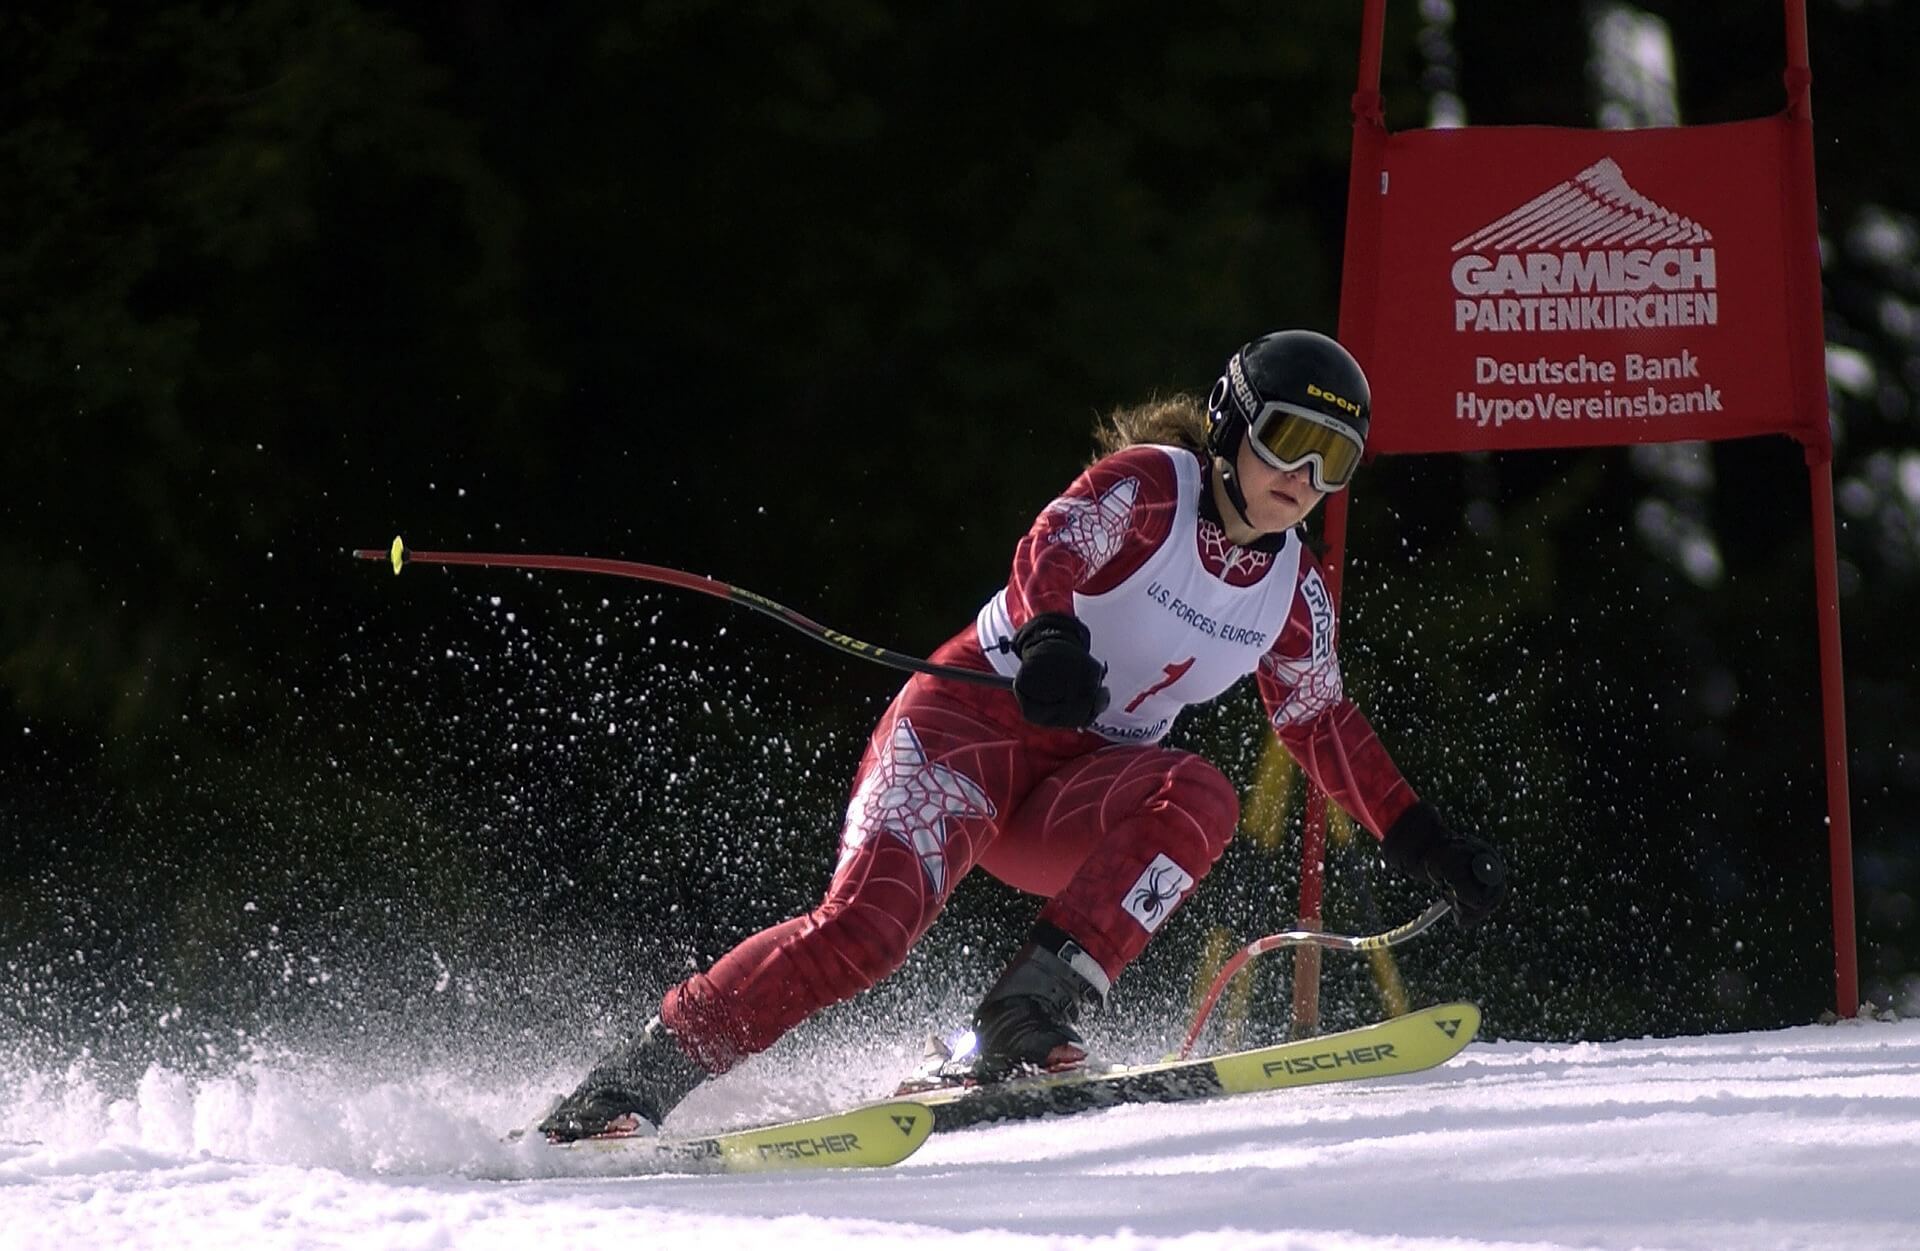 スキーハーフパイプとは何か。技の種類や練習法から五輪選手まで紹介